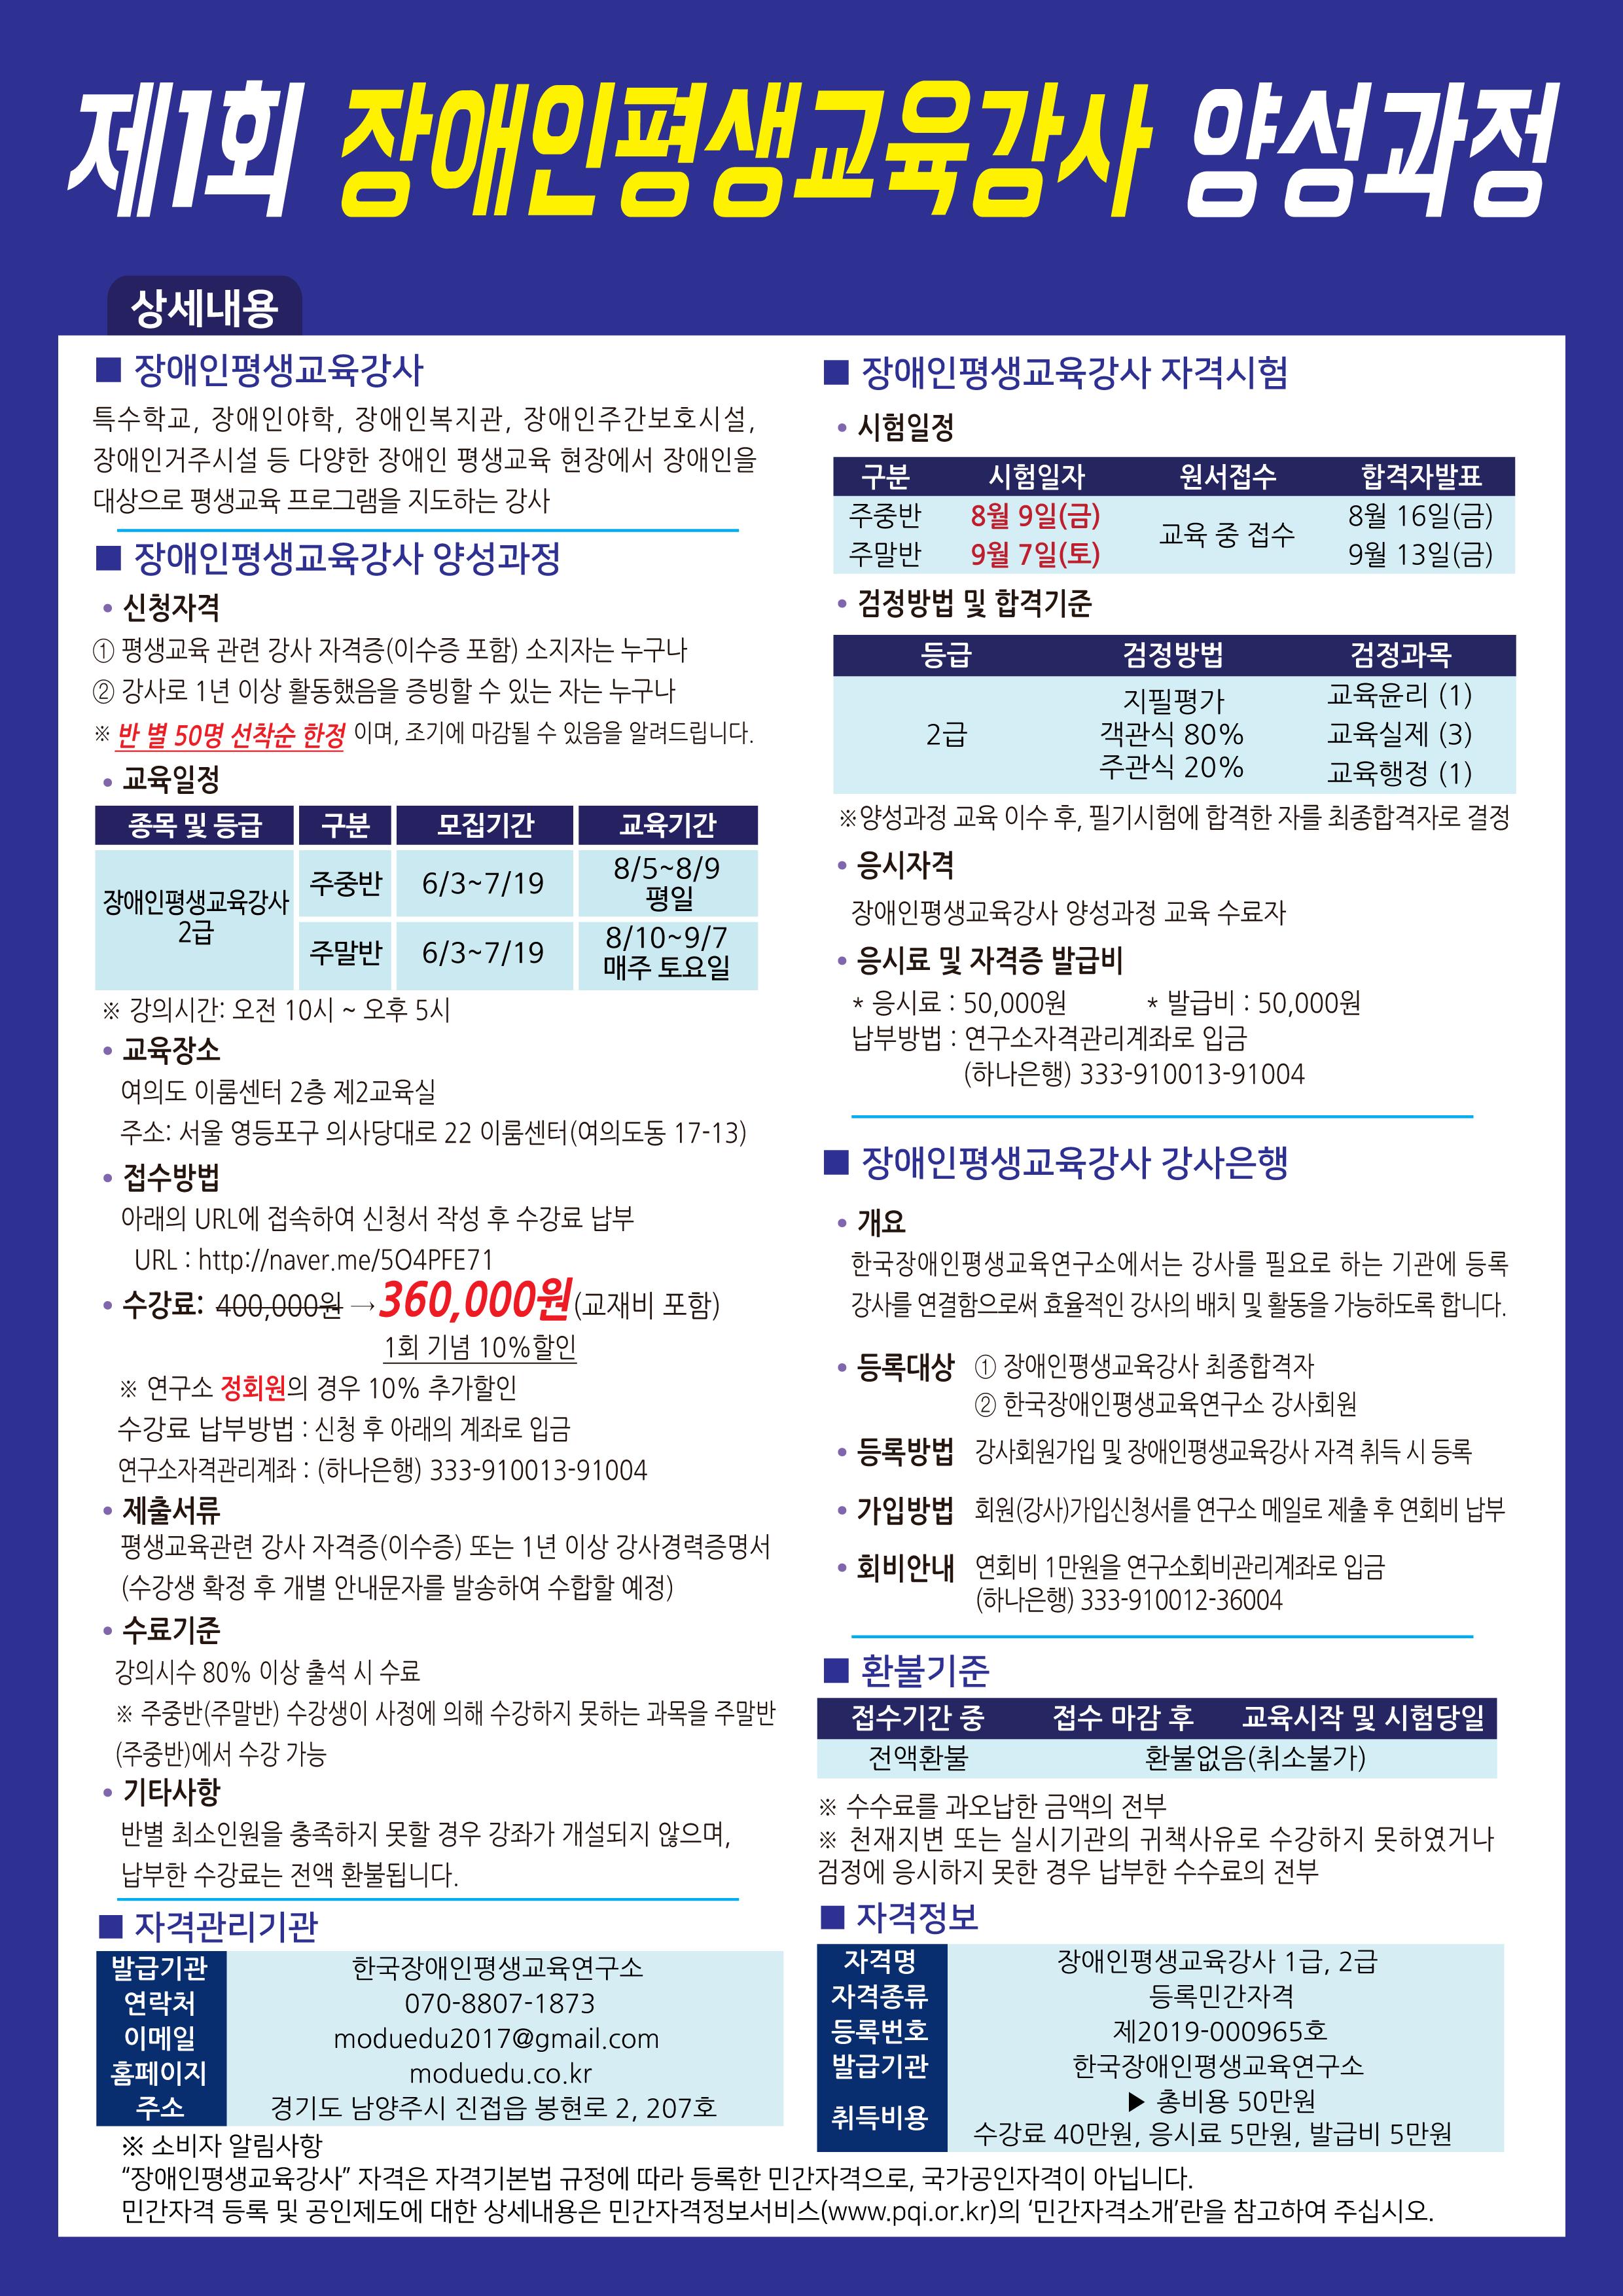 제1회 장애인평생교육강사 2급 양성과정 홍보 포스터 2.png